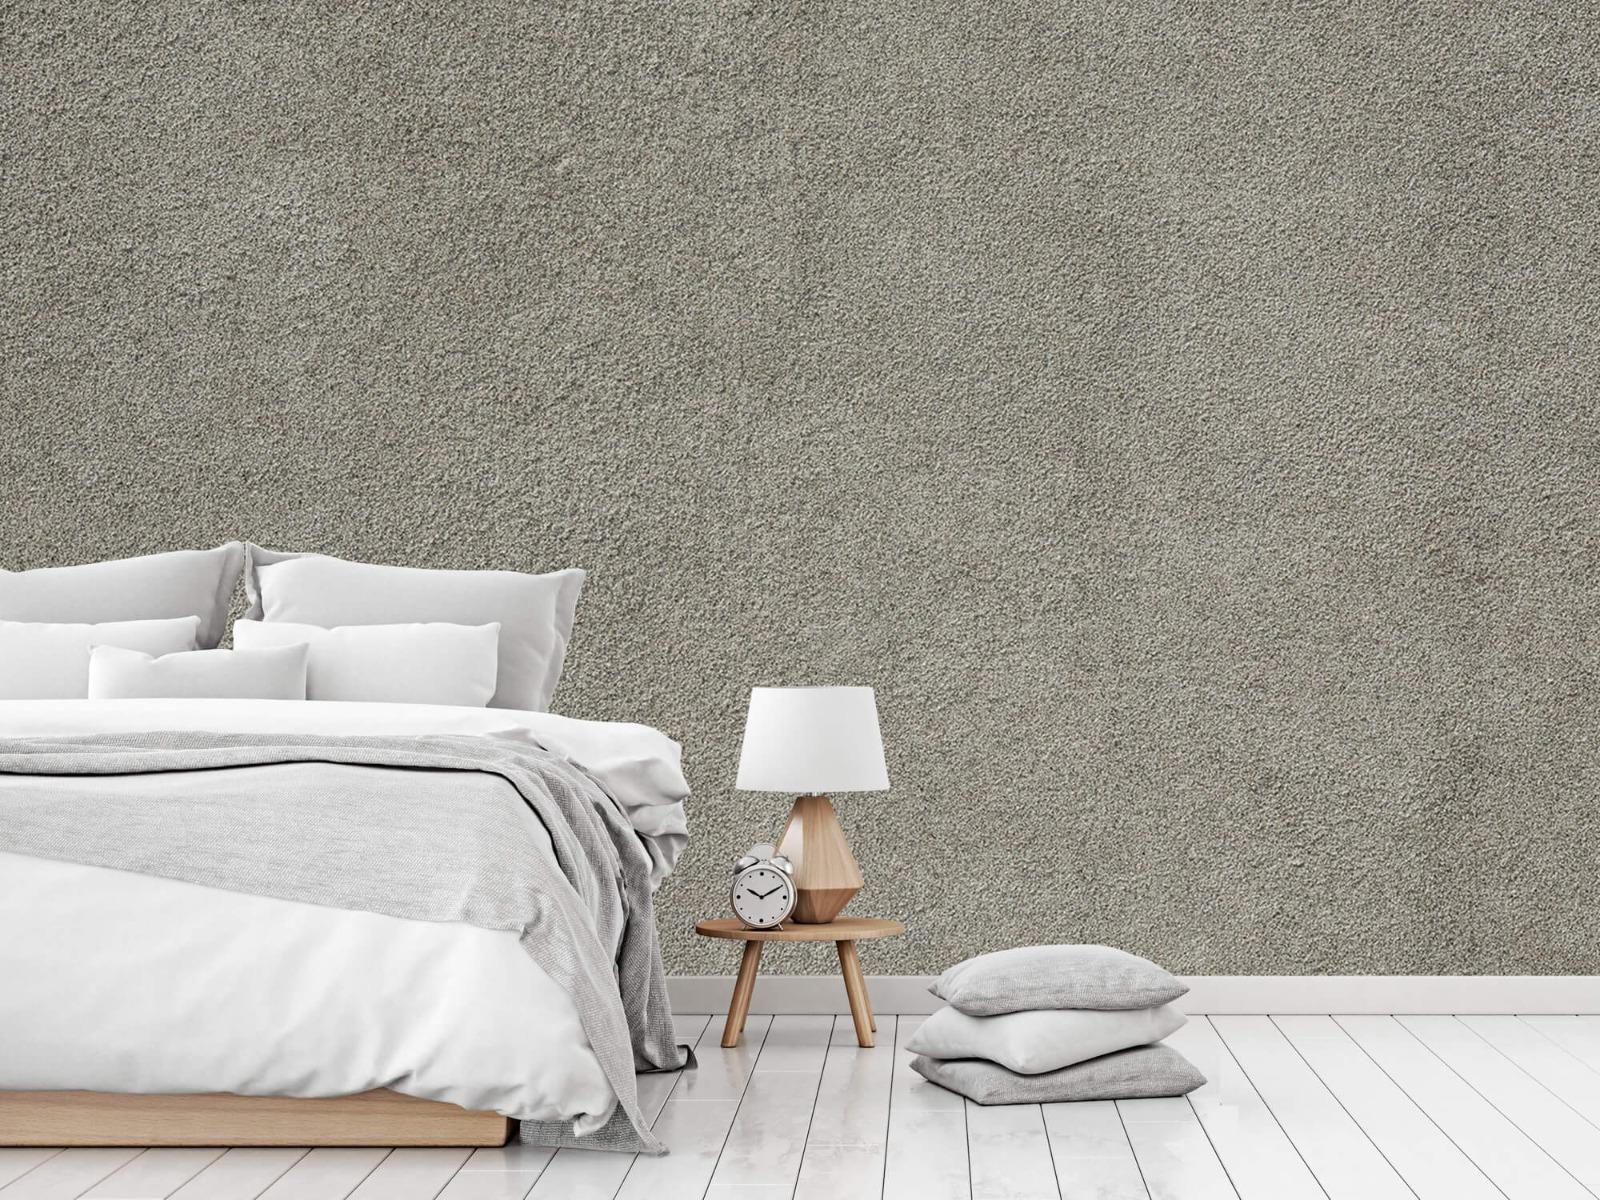 Betonlook behang - Betonnen muur met fijne steentjes - Kantoor 14